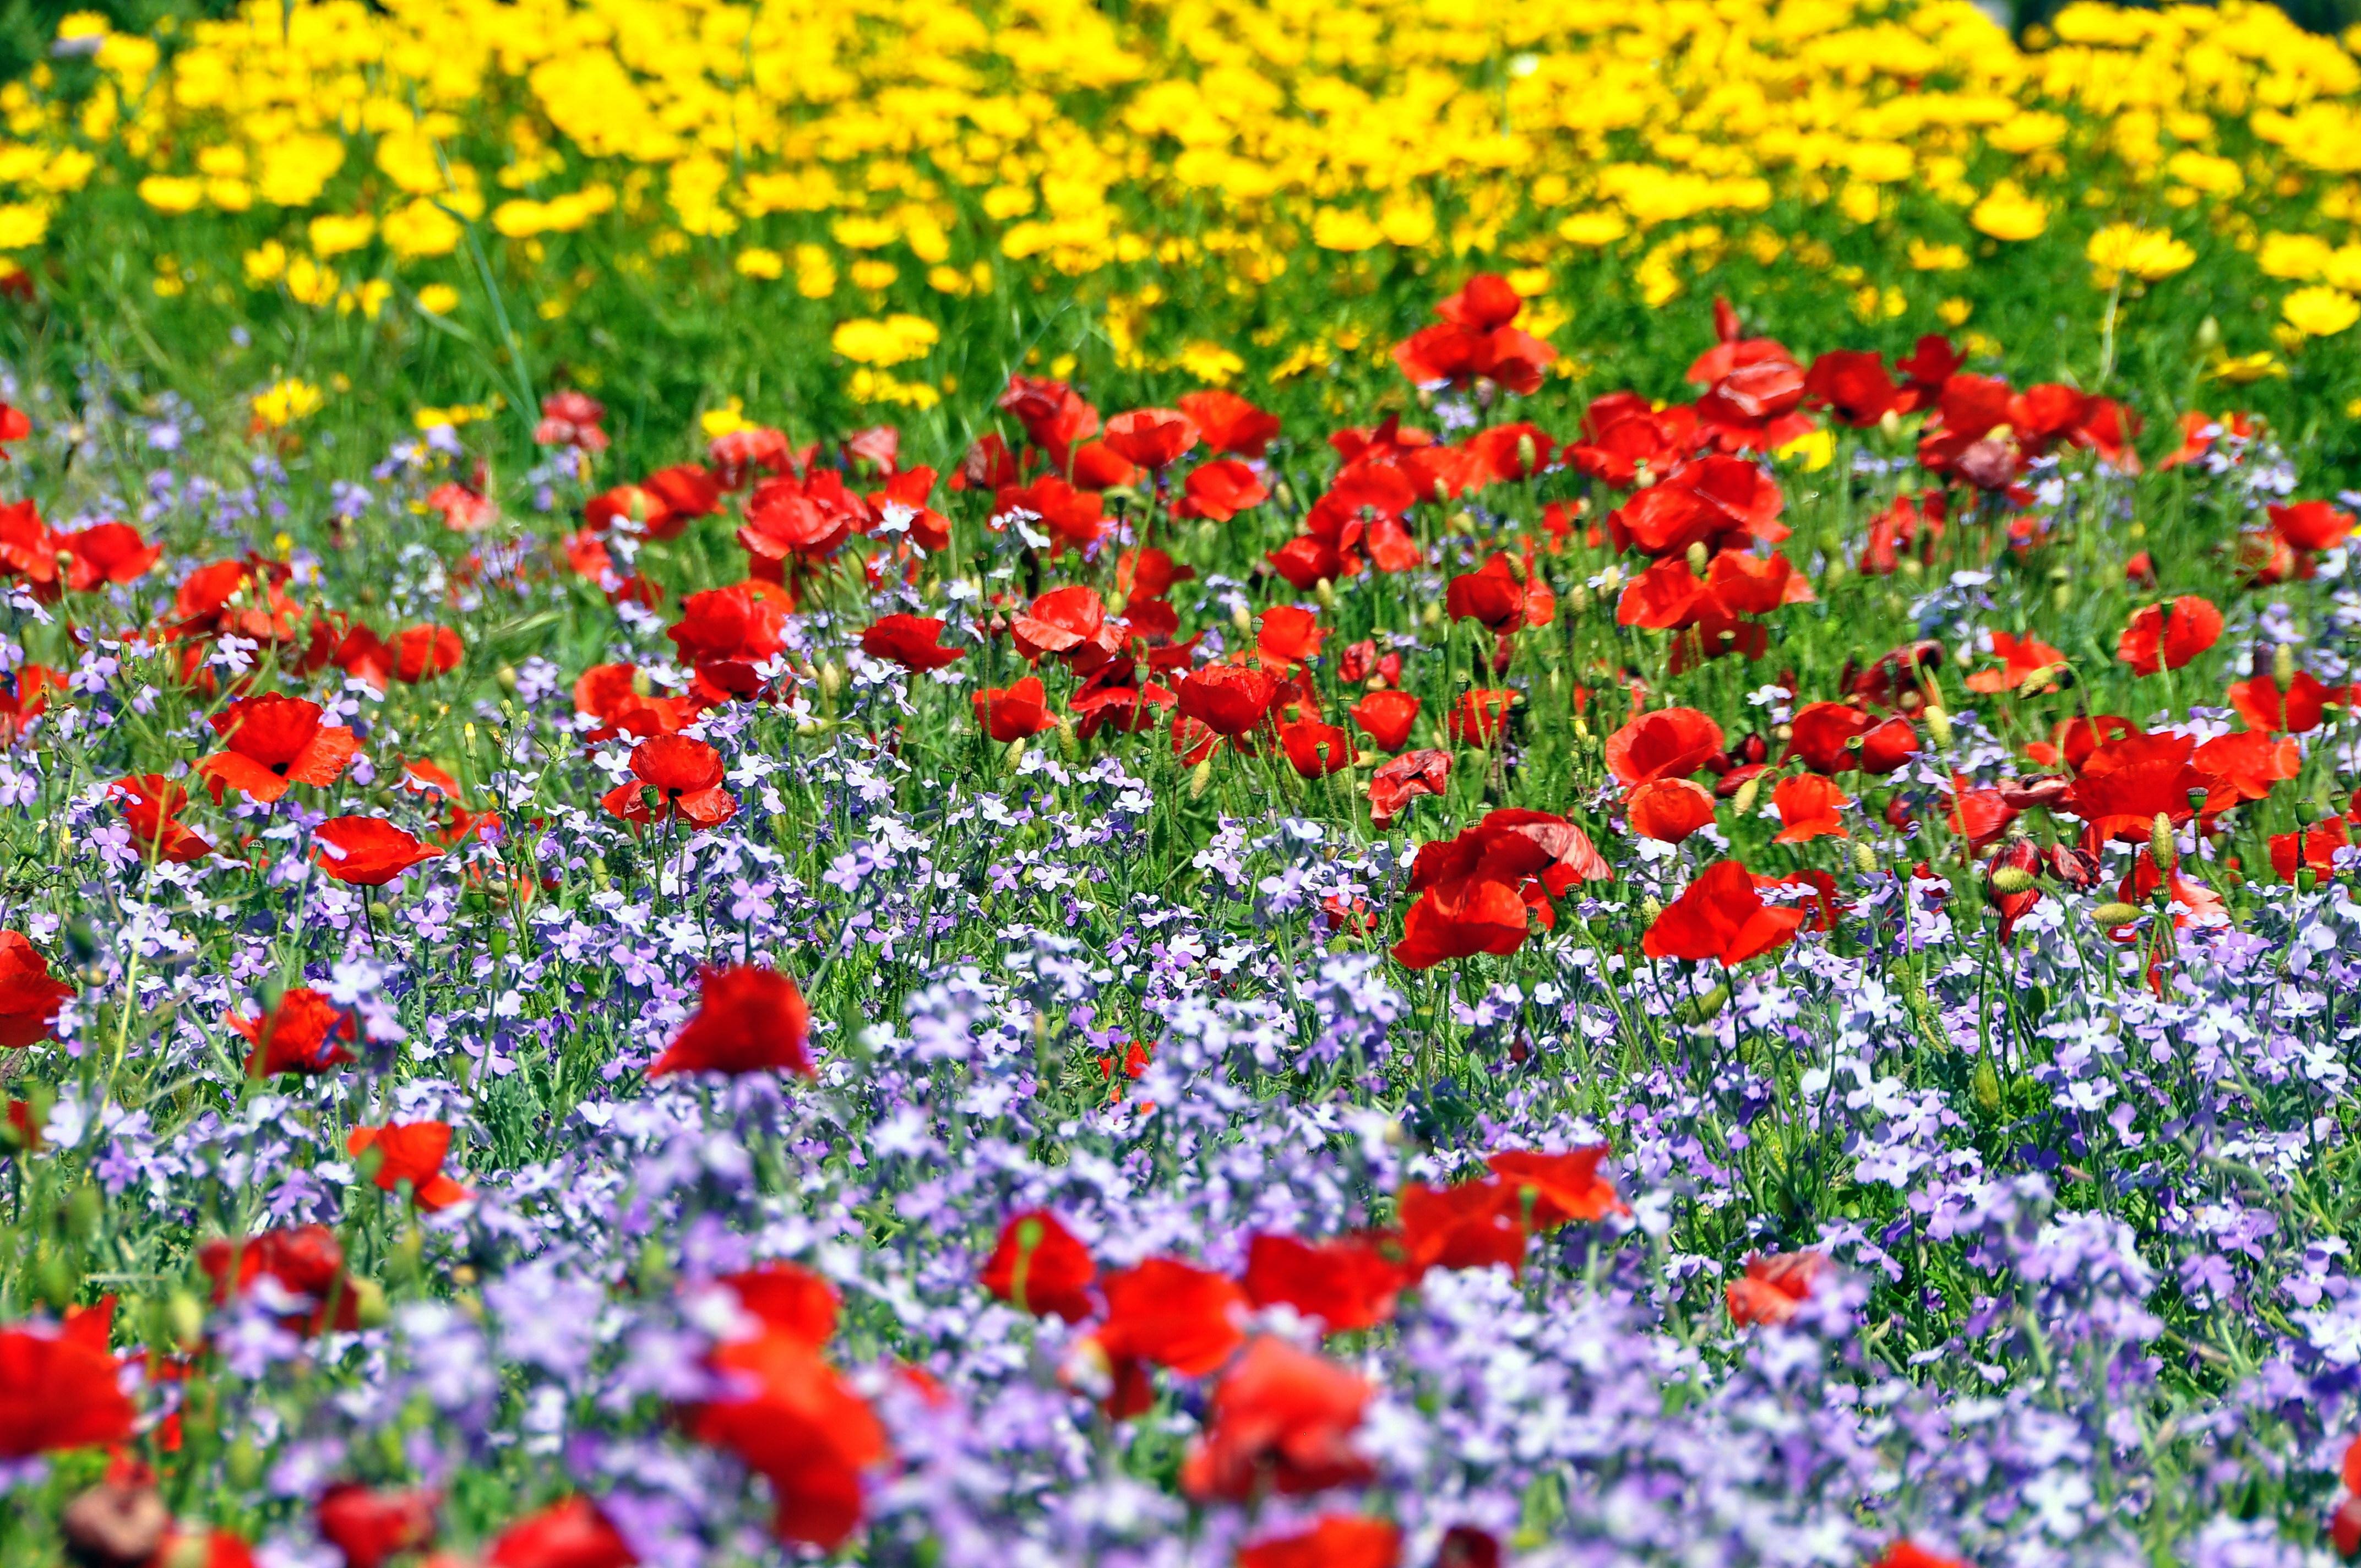 ТОП-7 самых красивых цветущих долин мира фото цветочных 64